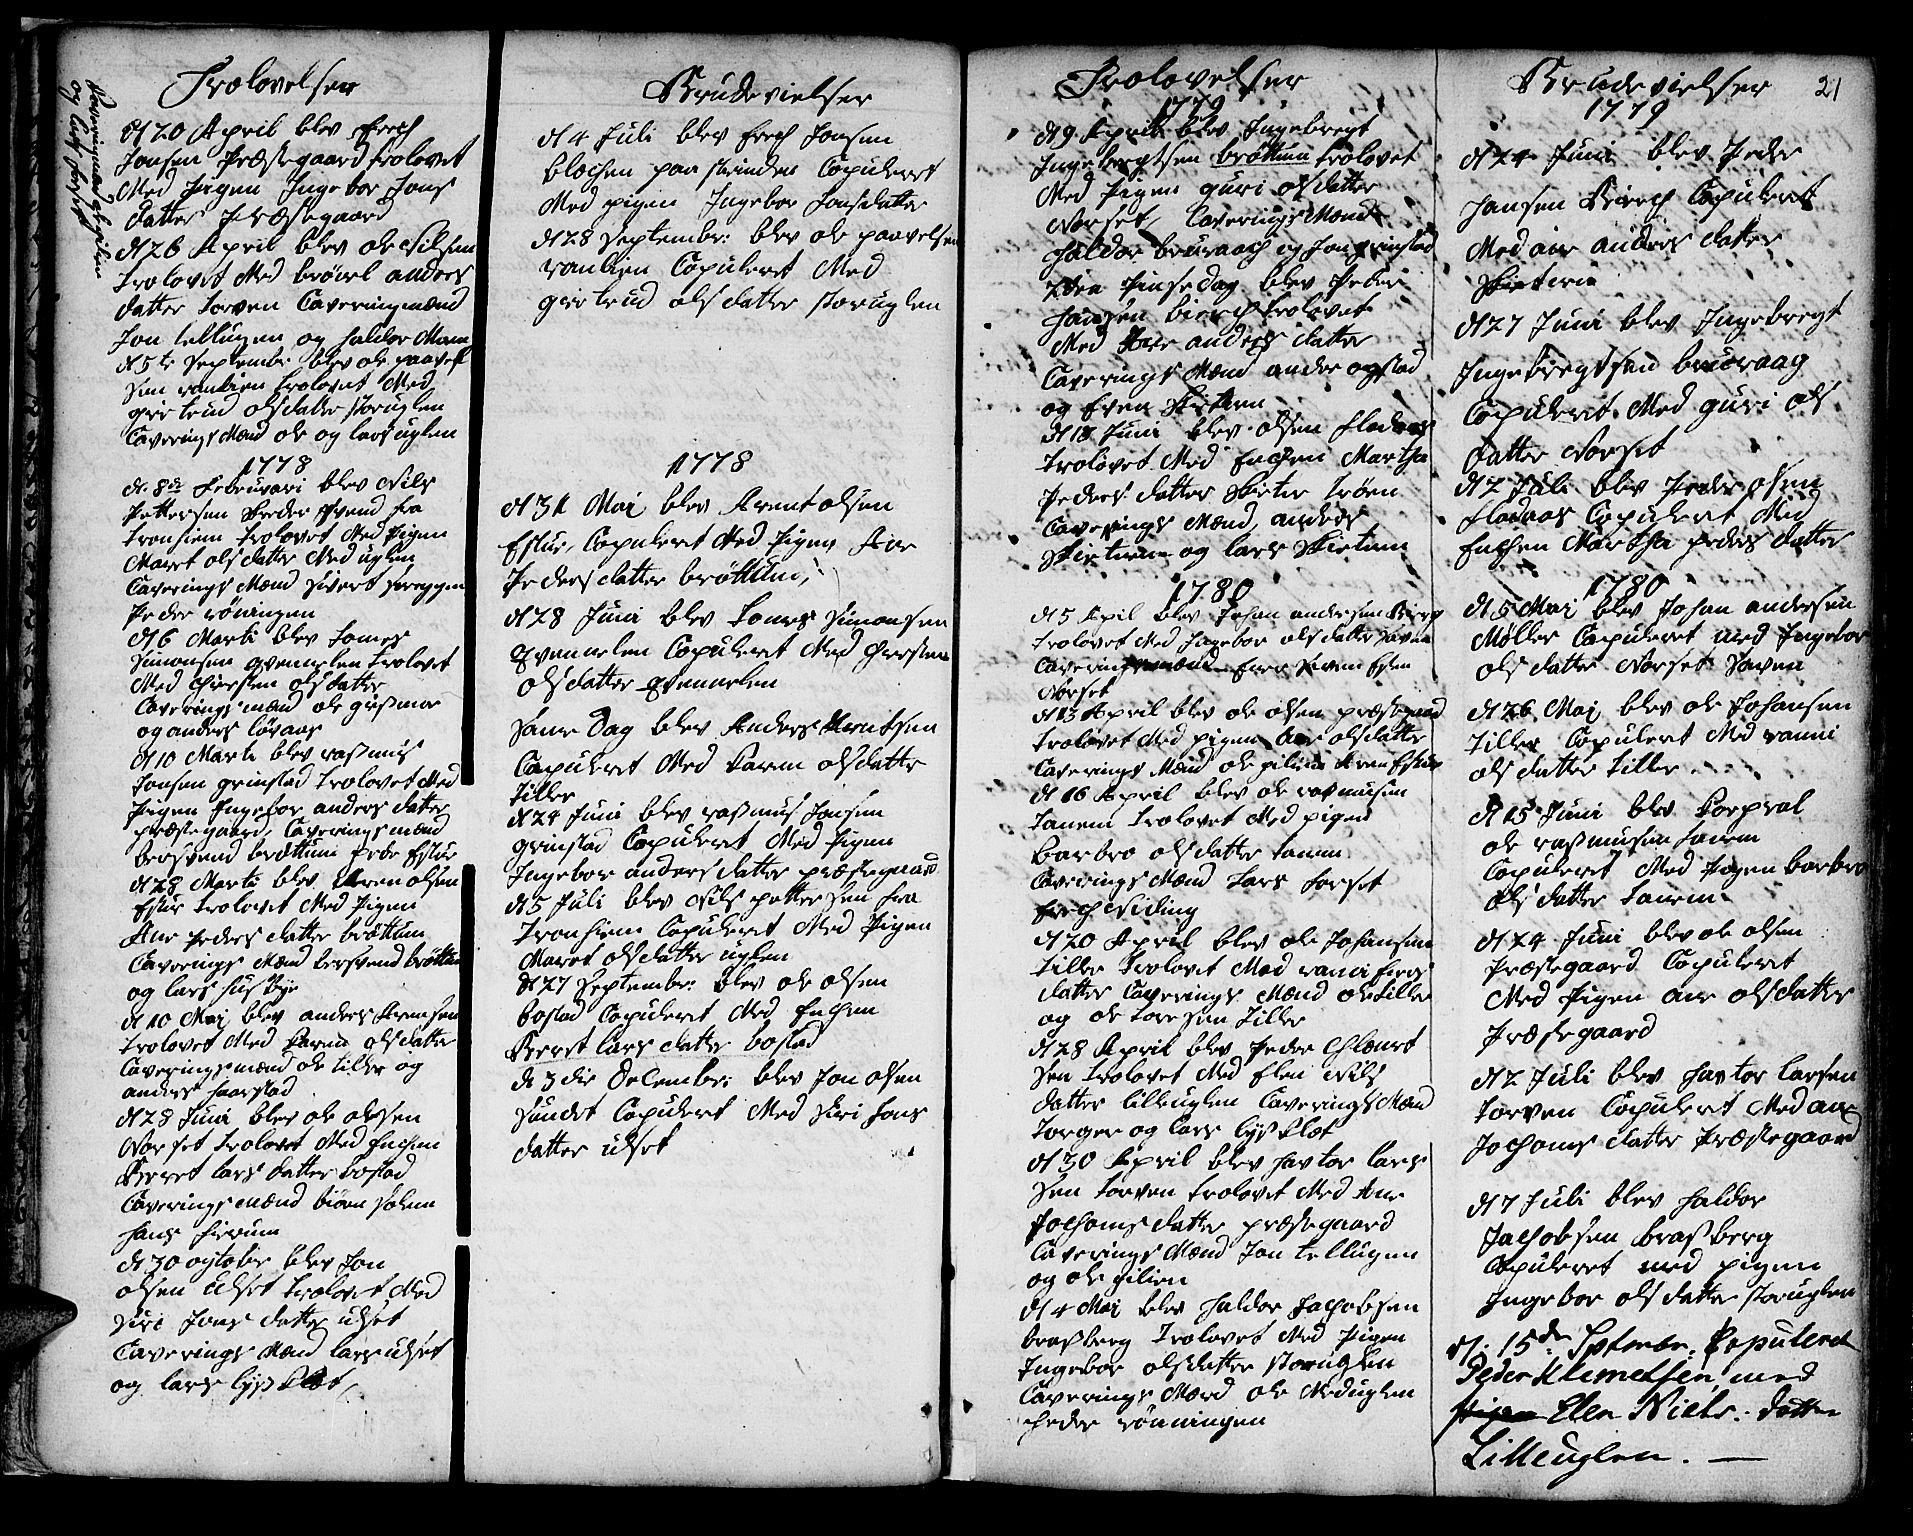 SAT, Ministerialprotokoller, klokkerbøker og fødselsregistre - Sør-Trøndelag, 618/L0437: Ministerialbok nr. 618A02, 1749-1782, s. 21